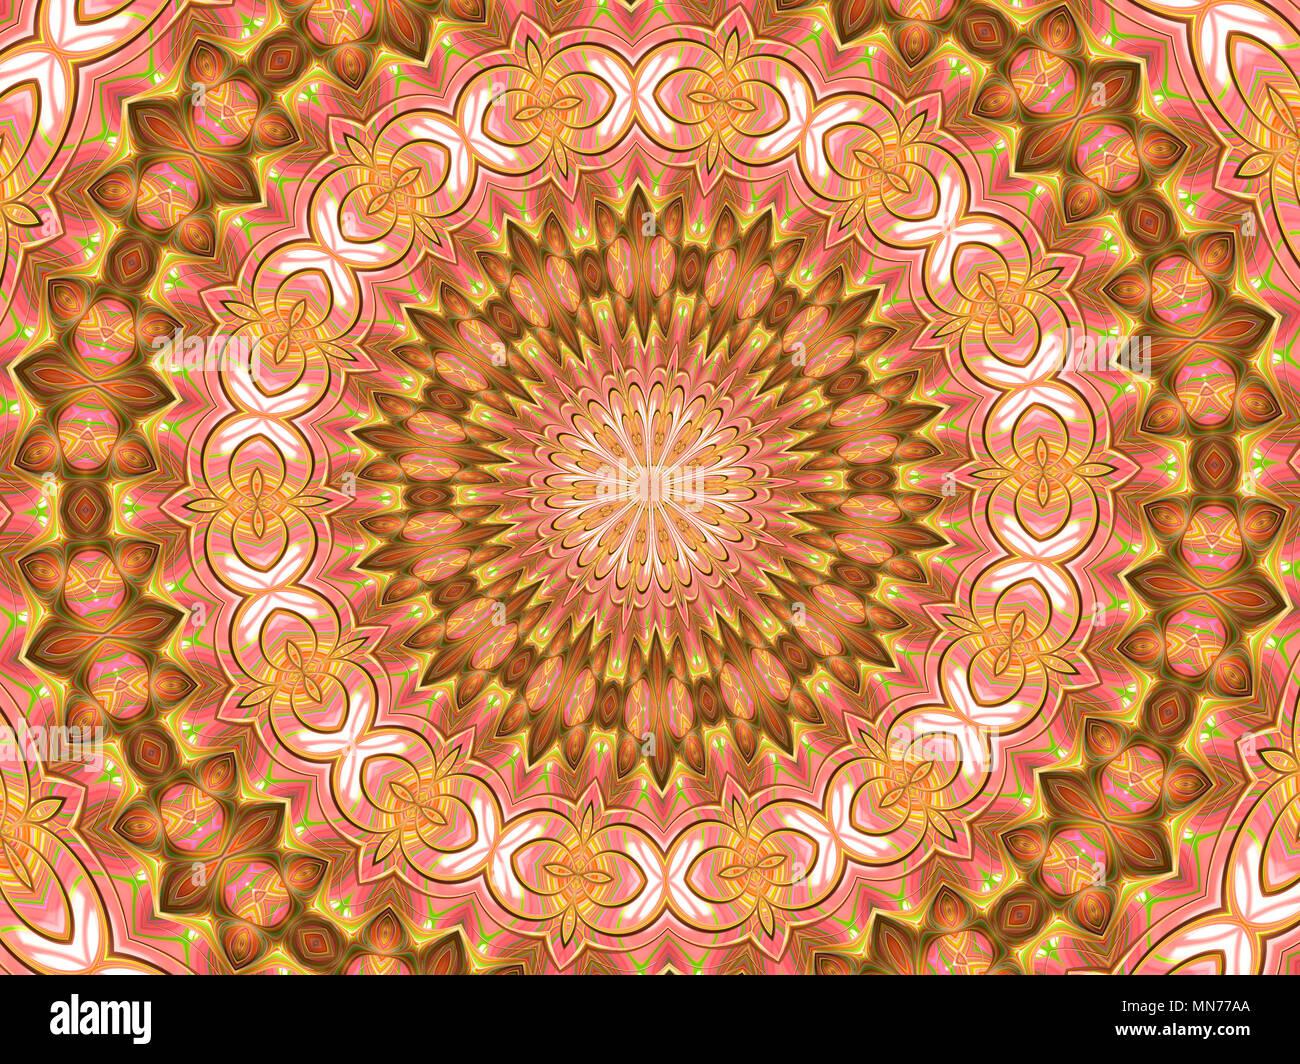 Kaléidoscope Star entourée de formes insolites Photo Stock